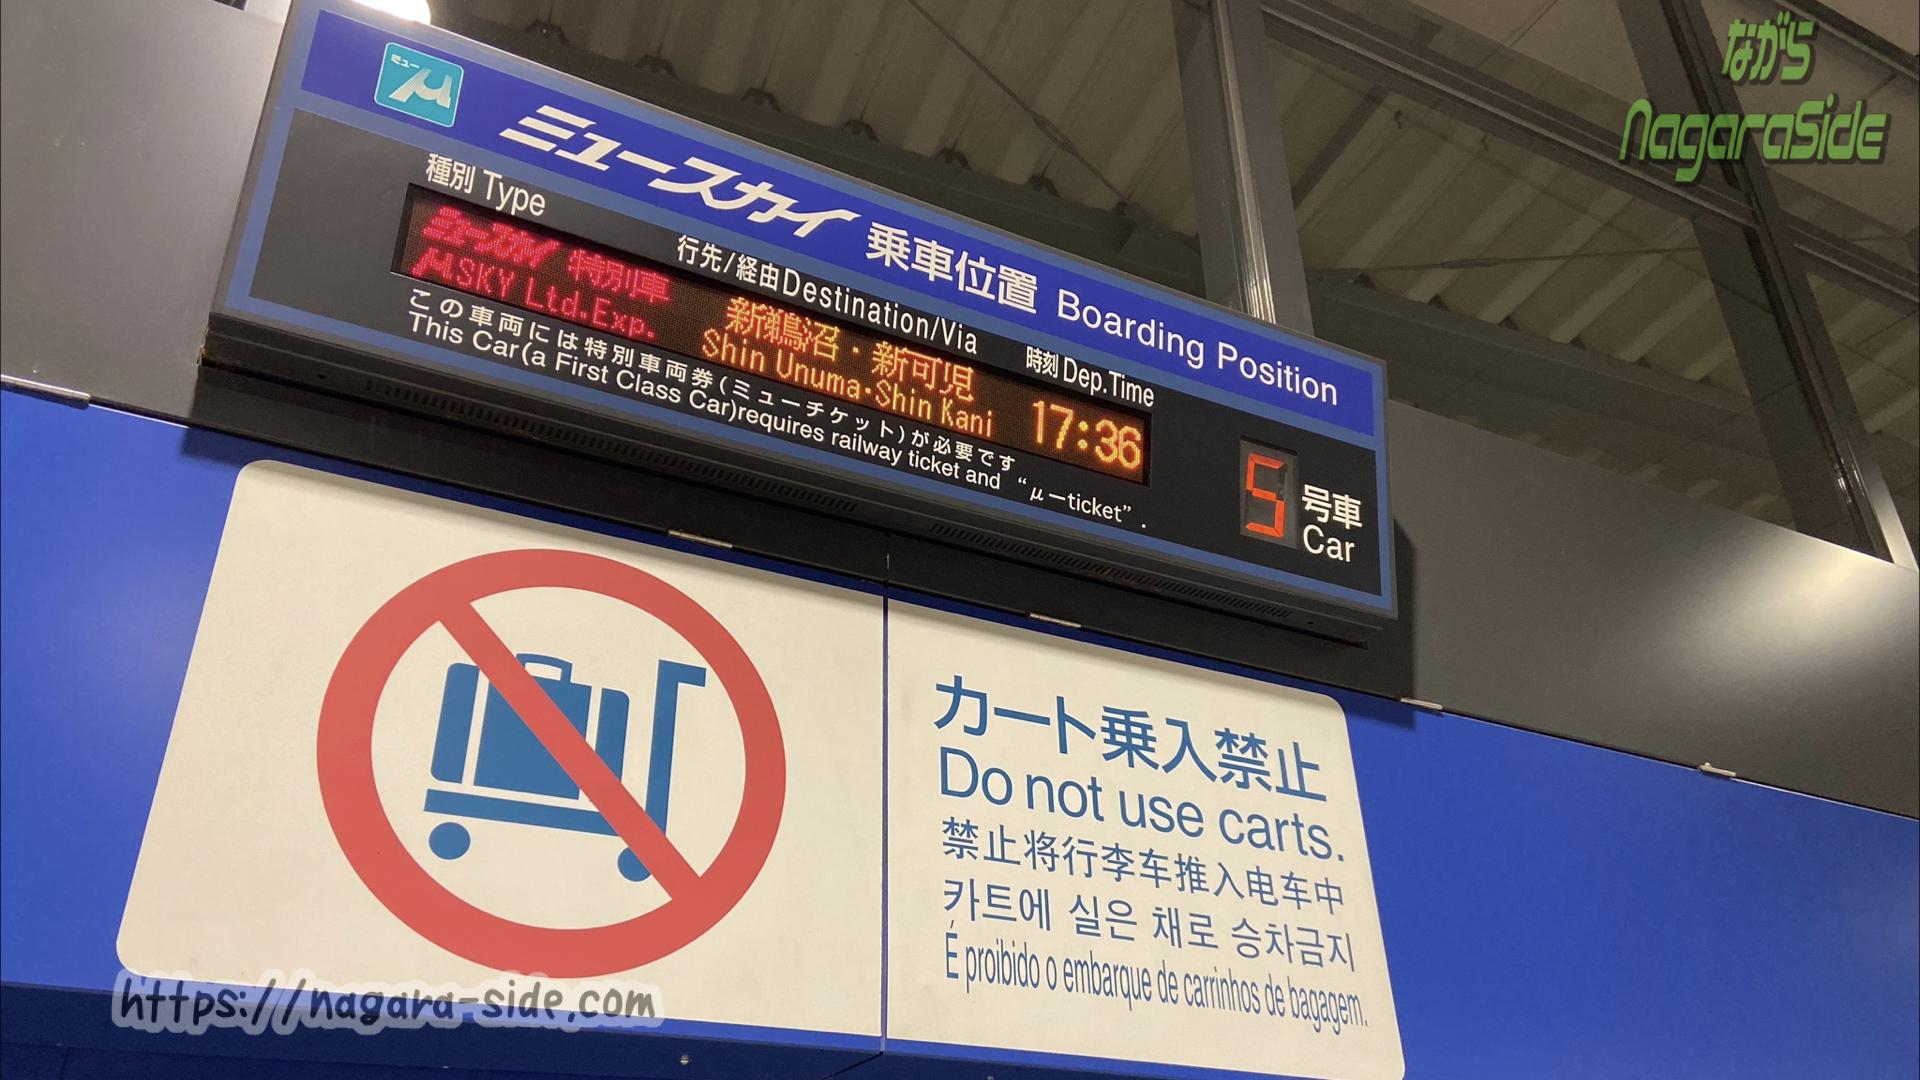 中部国際空港駅の乗車位置表示